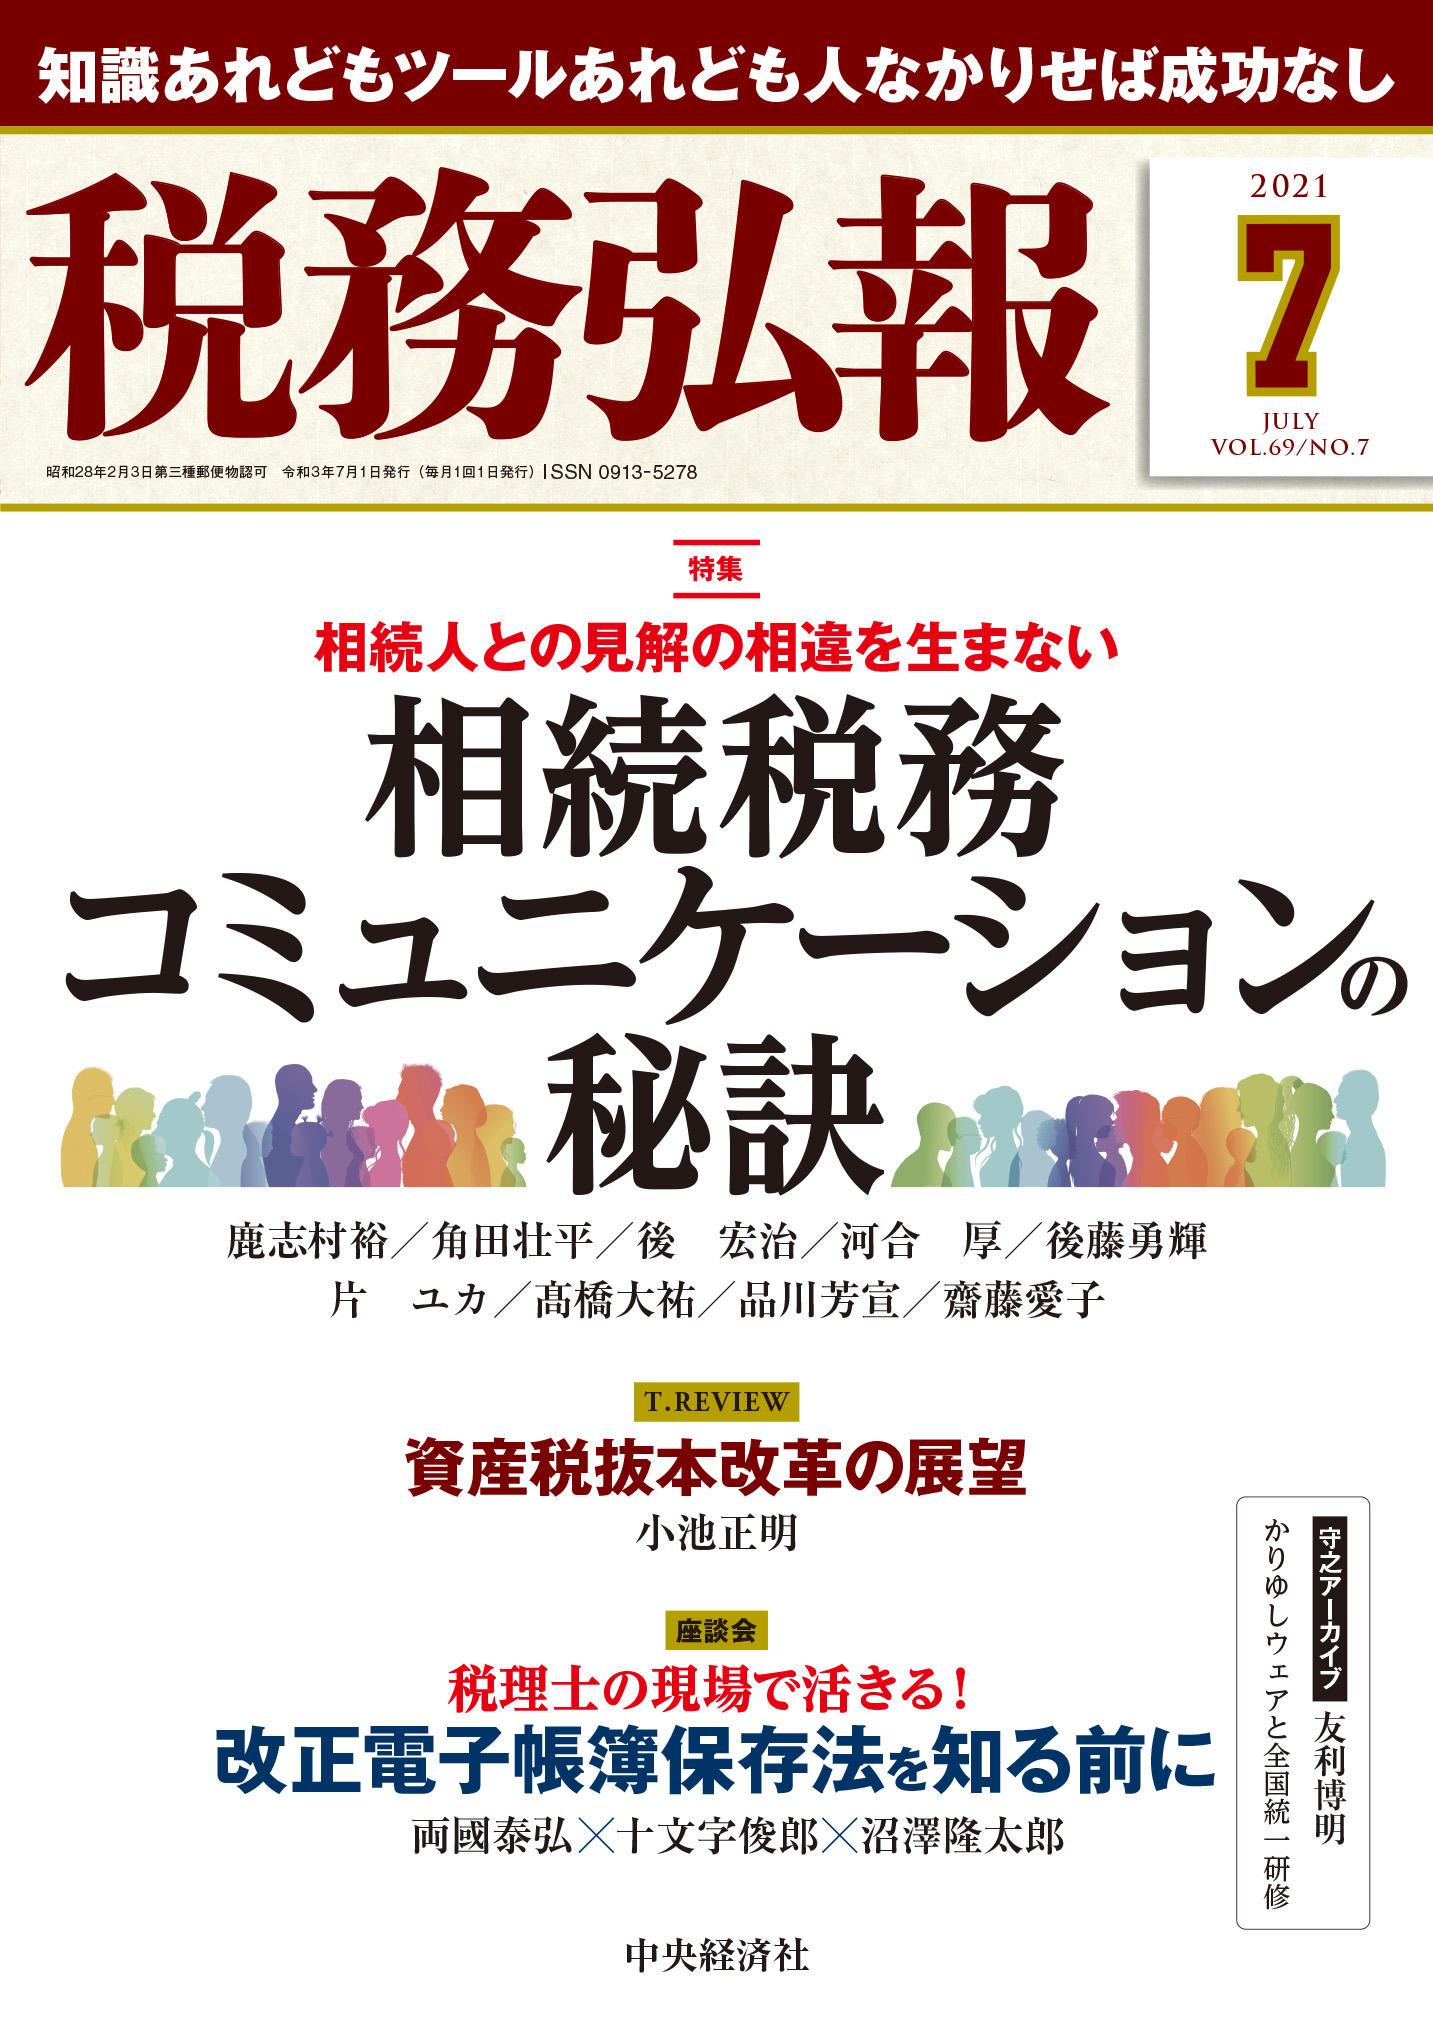 『税務弘報』7月号